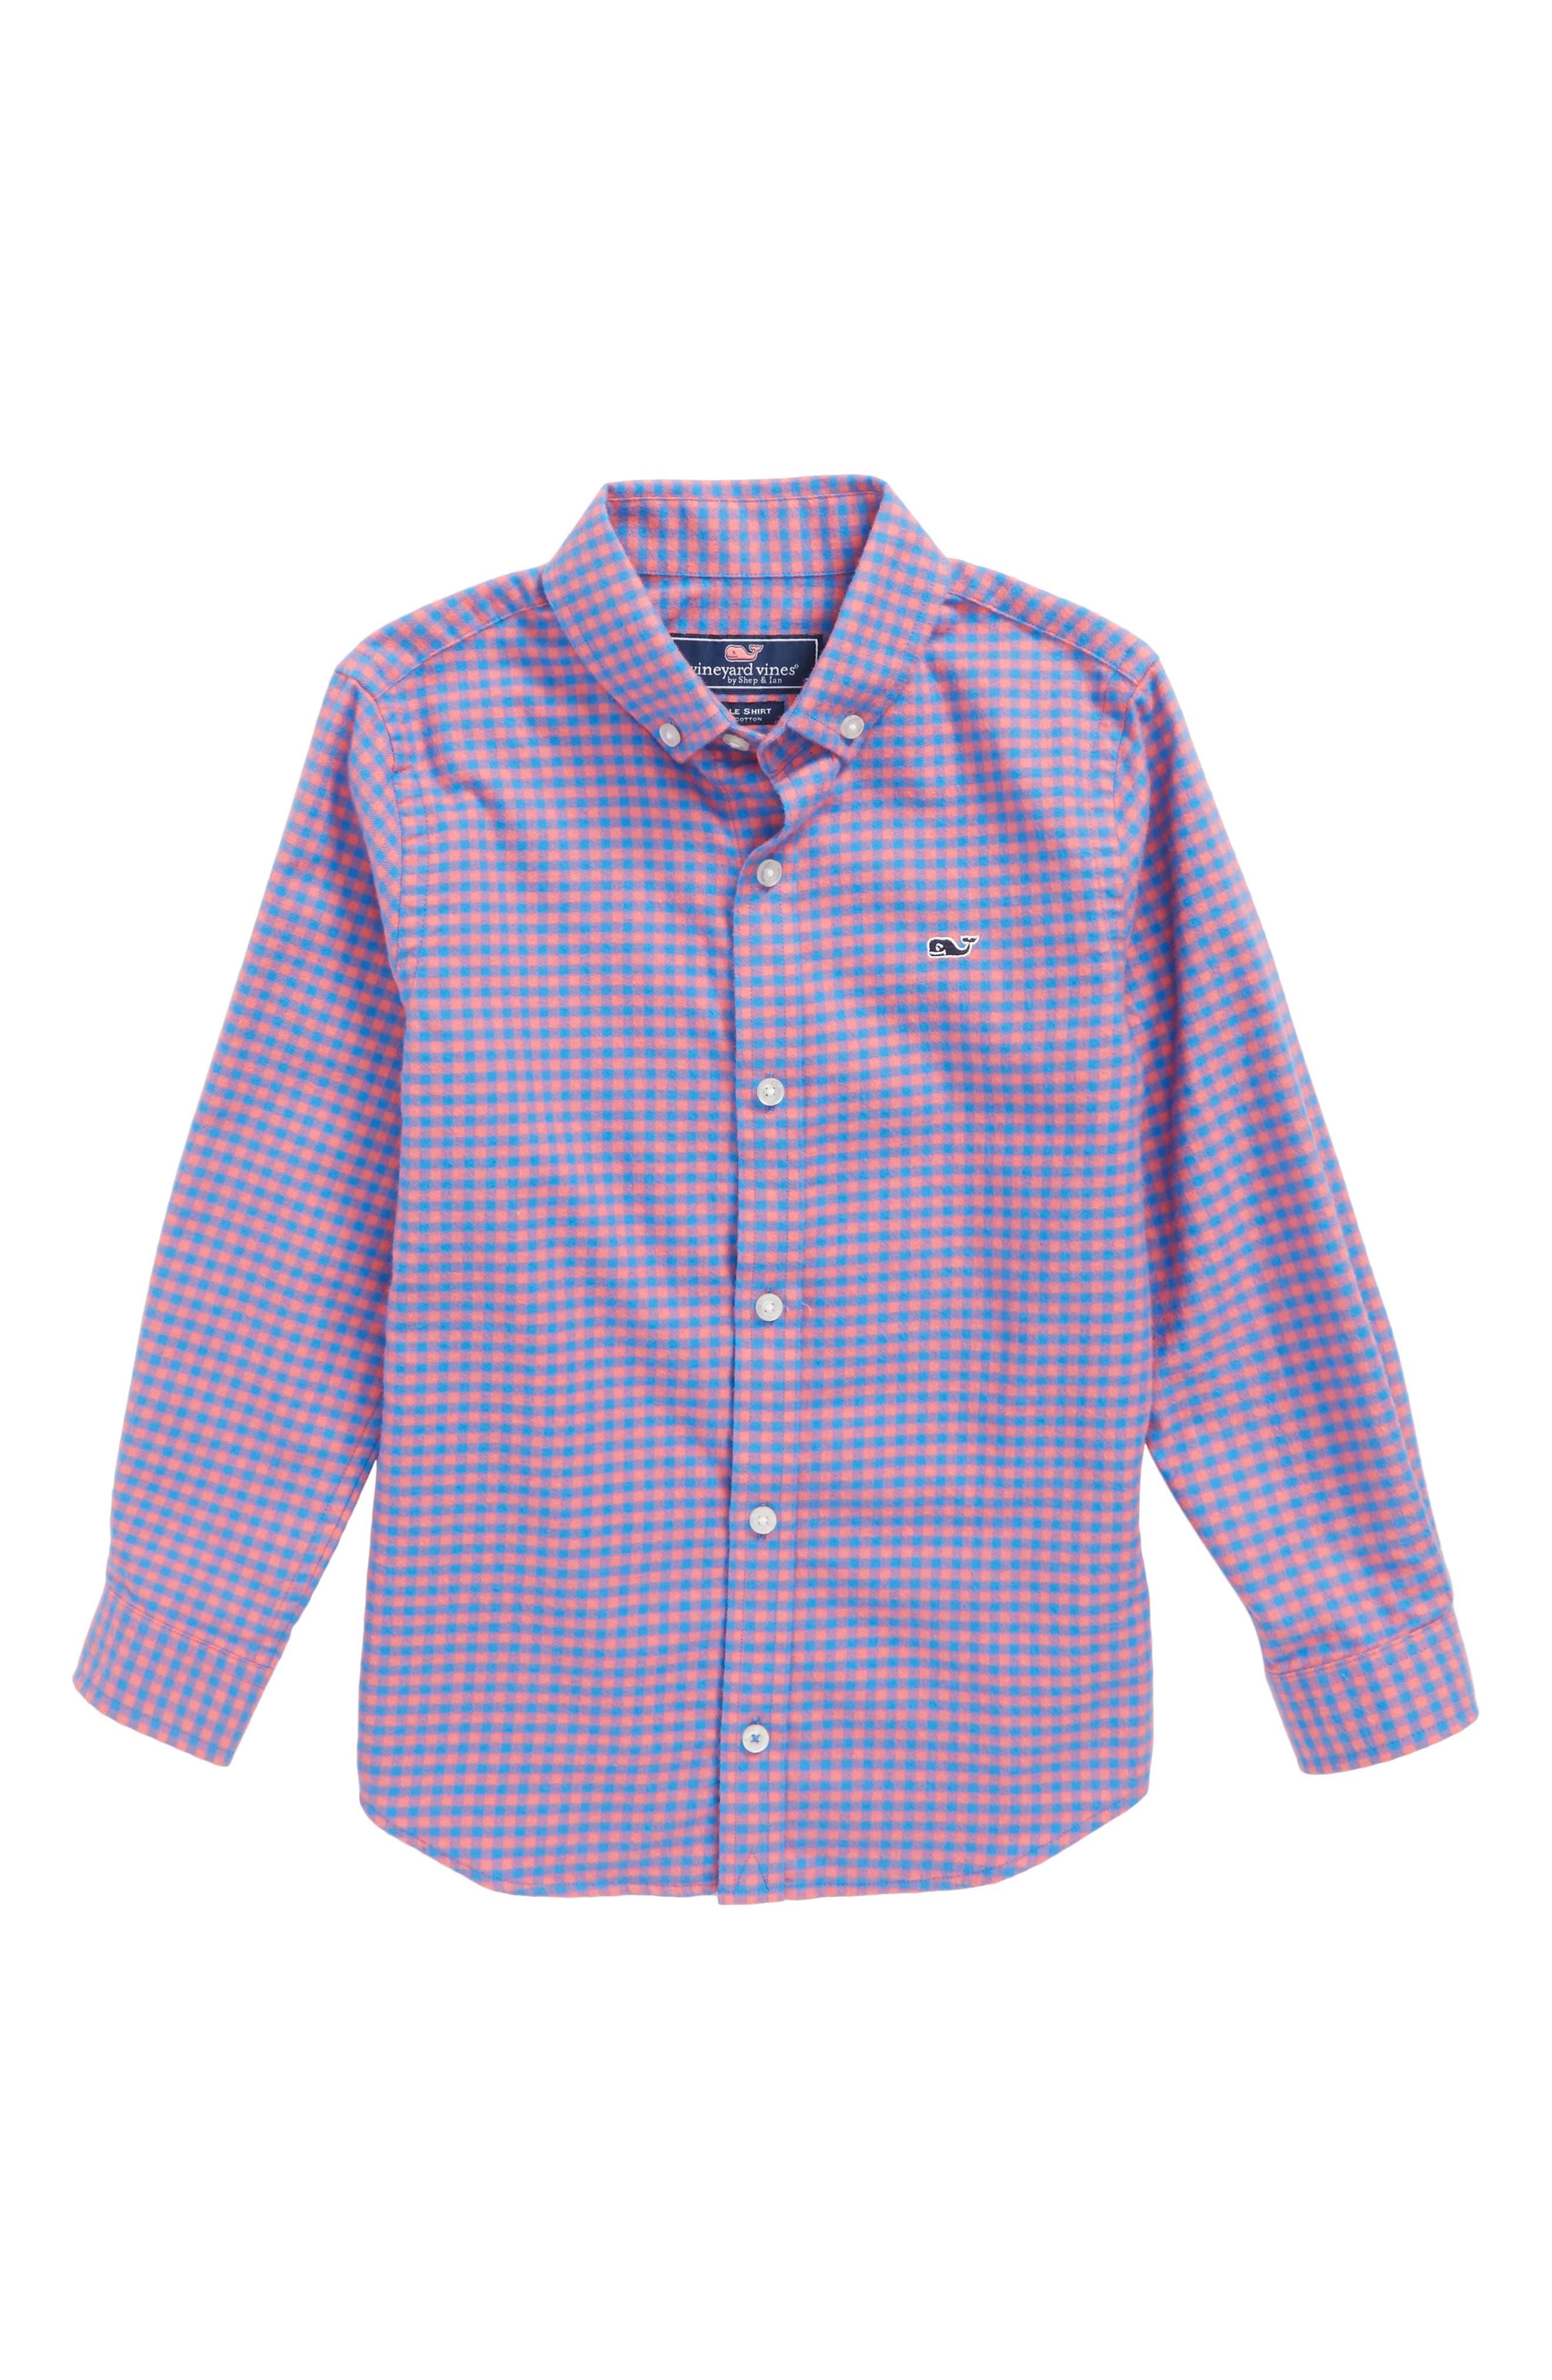 Sandy Point Plaid Whale Flannel Shirt,                             Main thumbnail 1, color,                             400